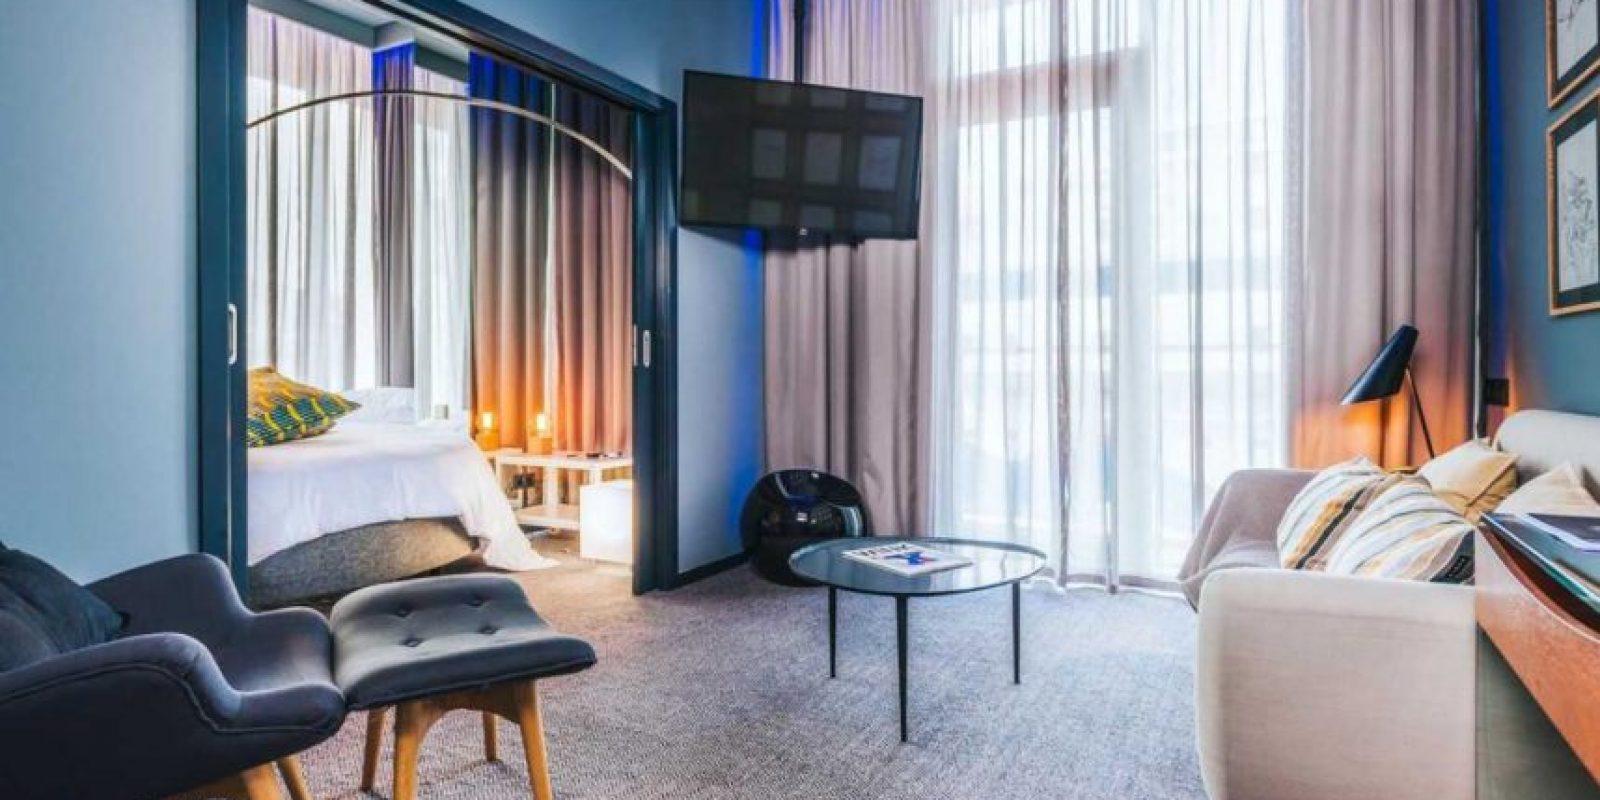 La pieza más básica tendrá un costo de 215 euros por noche Foto:Sitio web Pestana CR7